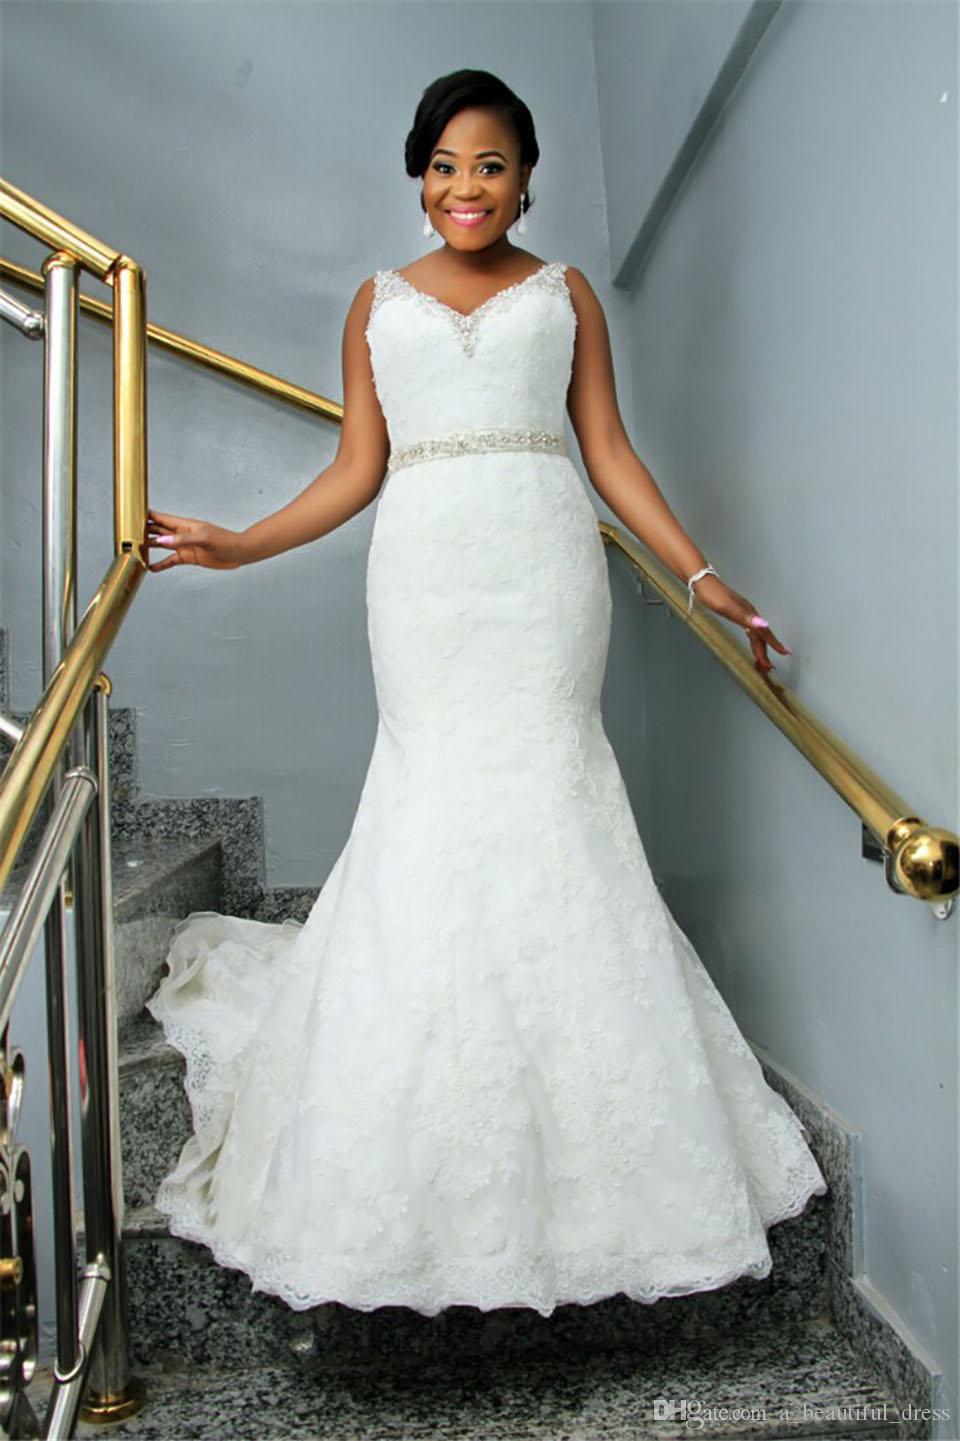 Vestido de Nooiva романтические кружева Mermiade свадебное платье халат де Марии роскошные бусы кристаллы свадебные платья